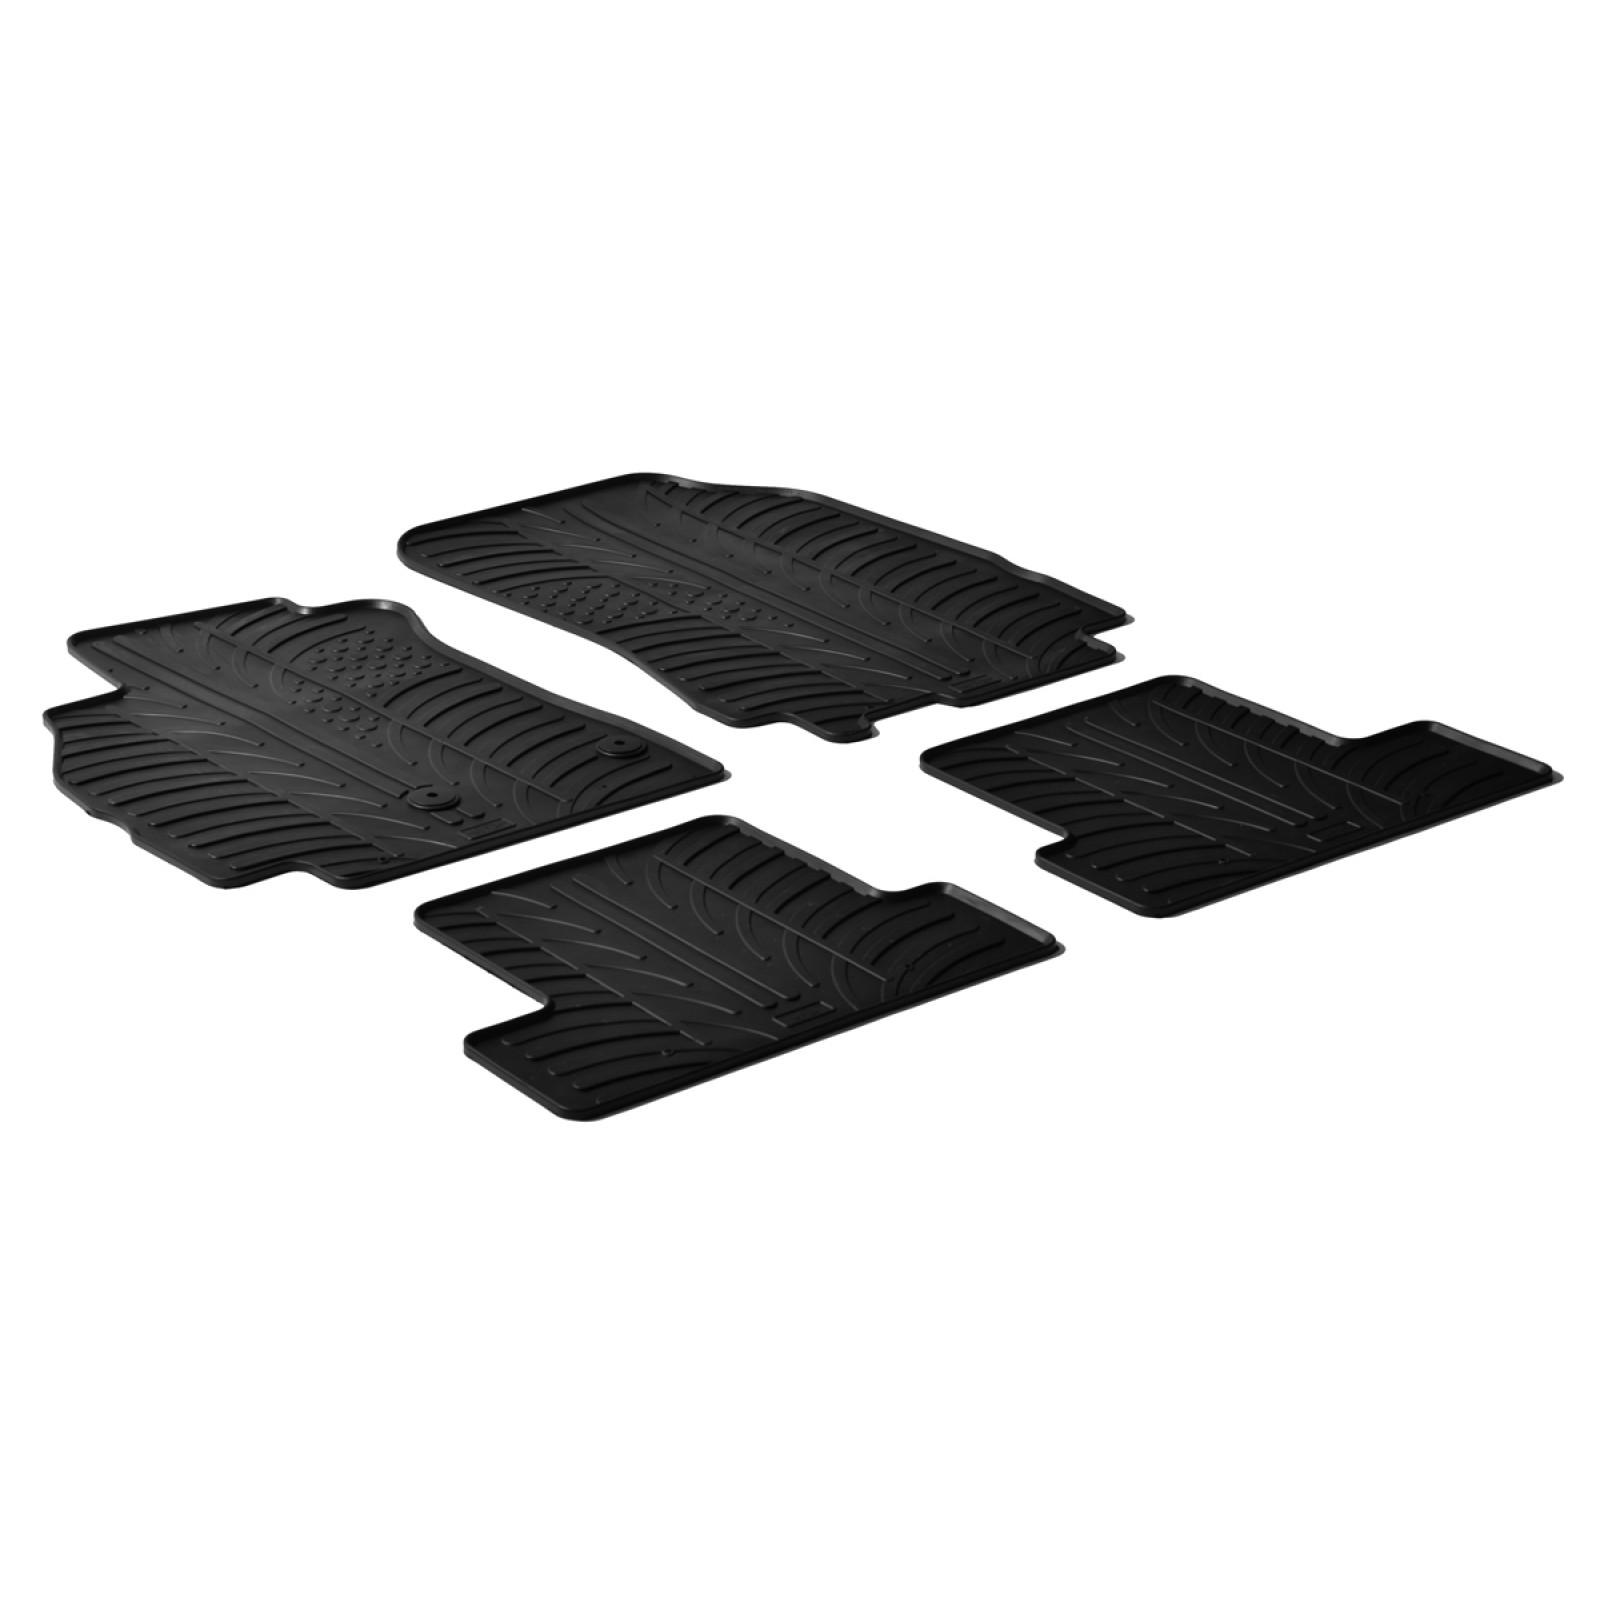 tapis en caoutchouc pour renault megane iii hb coupe